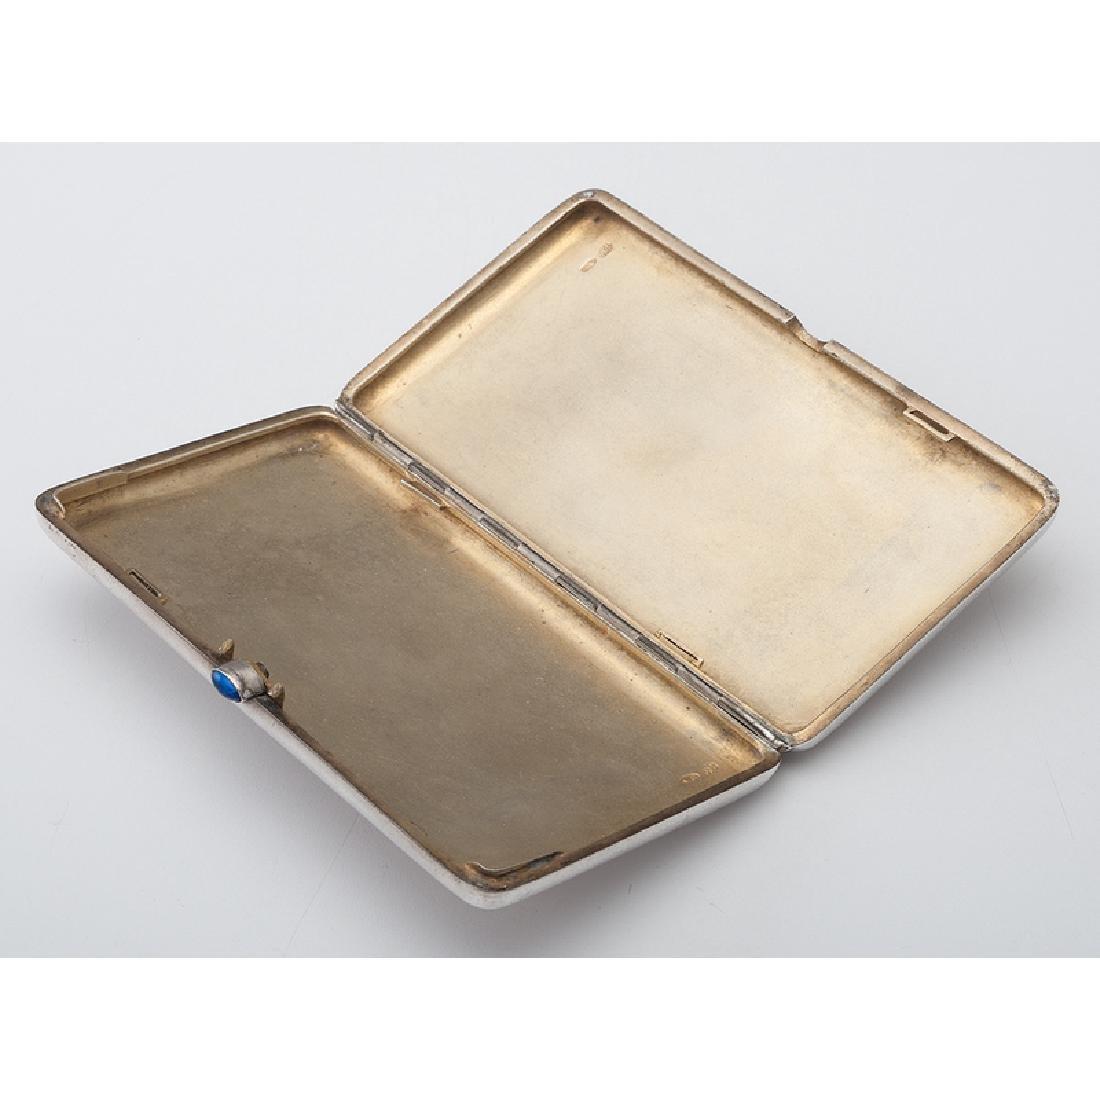 Russian Silver Cigarette Case with Sapphire Cabochon - 3